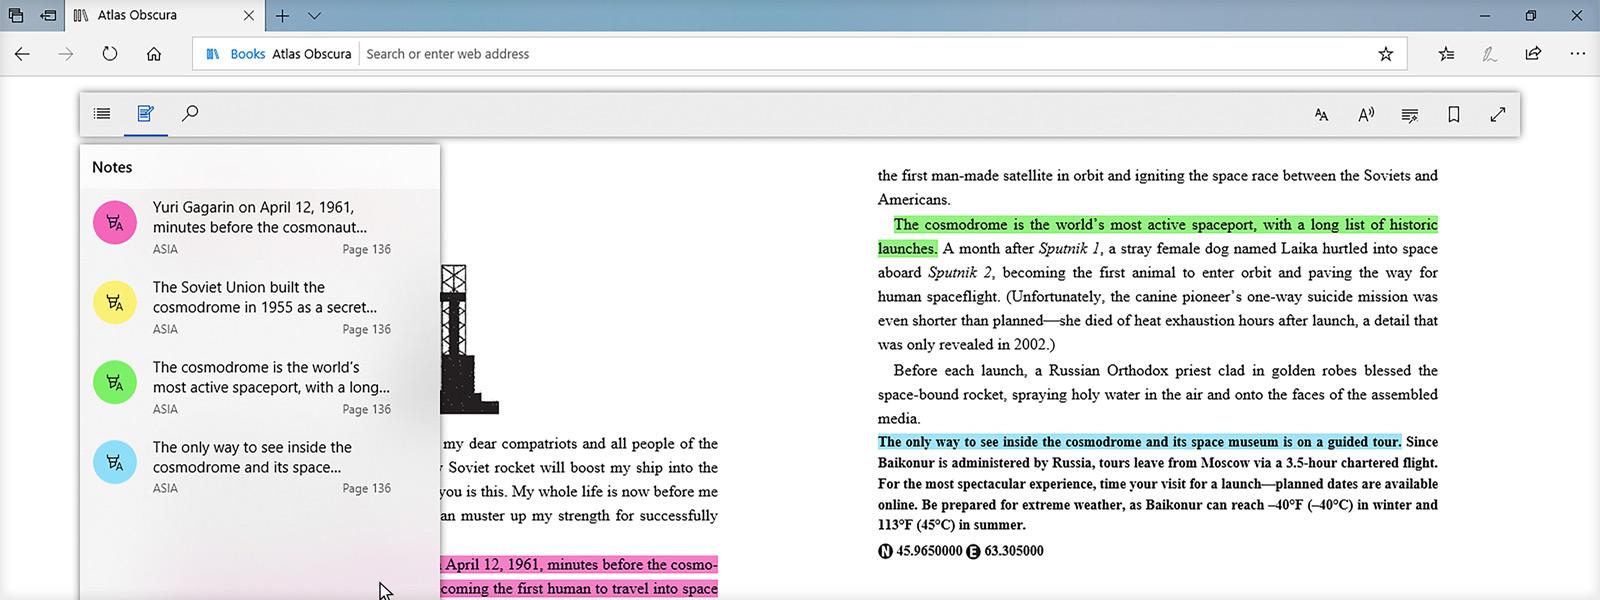 Imagen en la que se muestra la opción de resaltar texto al leer libros en Microsoft Edge